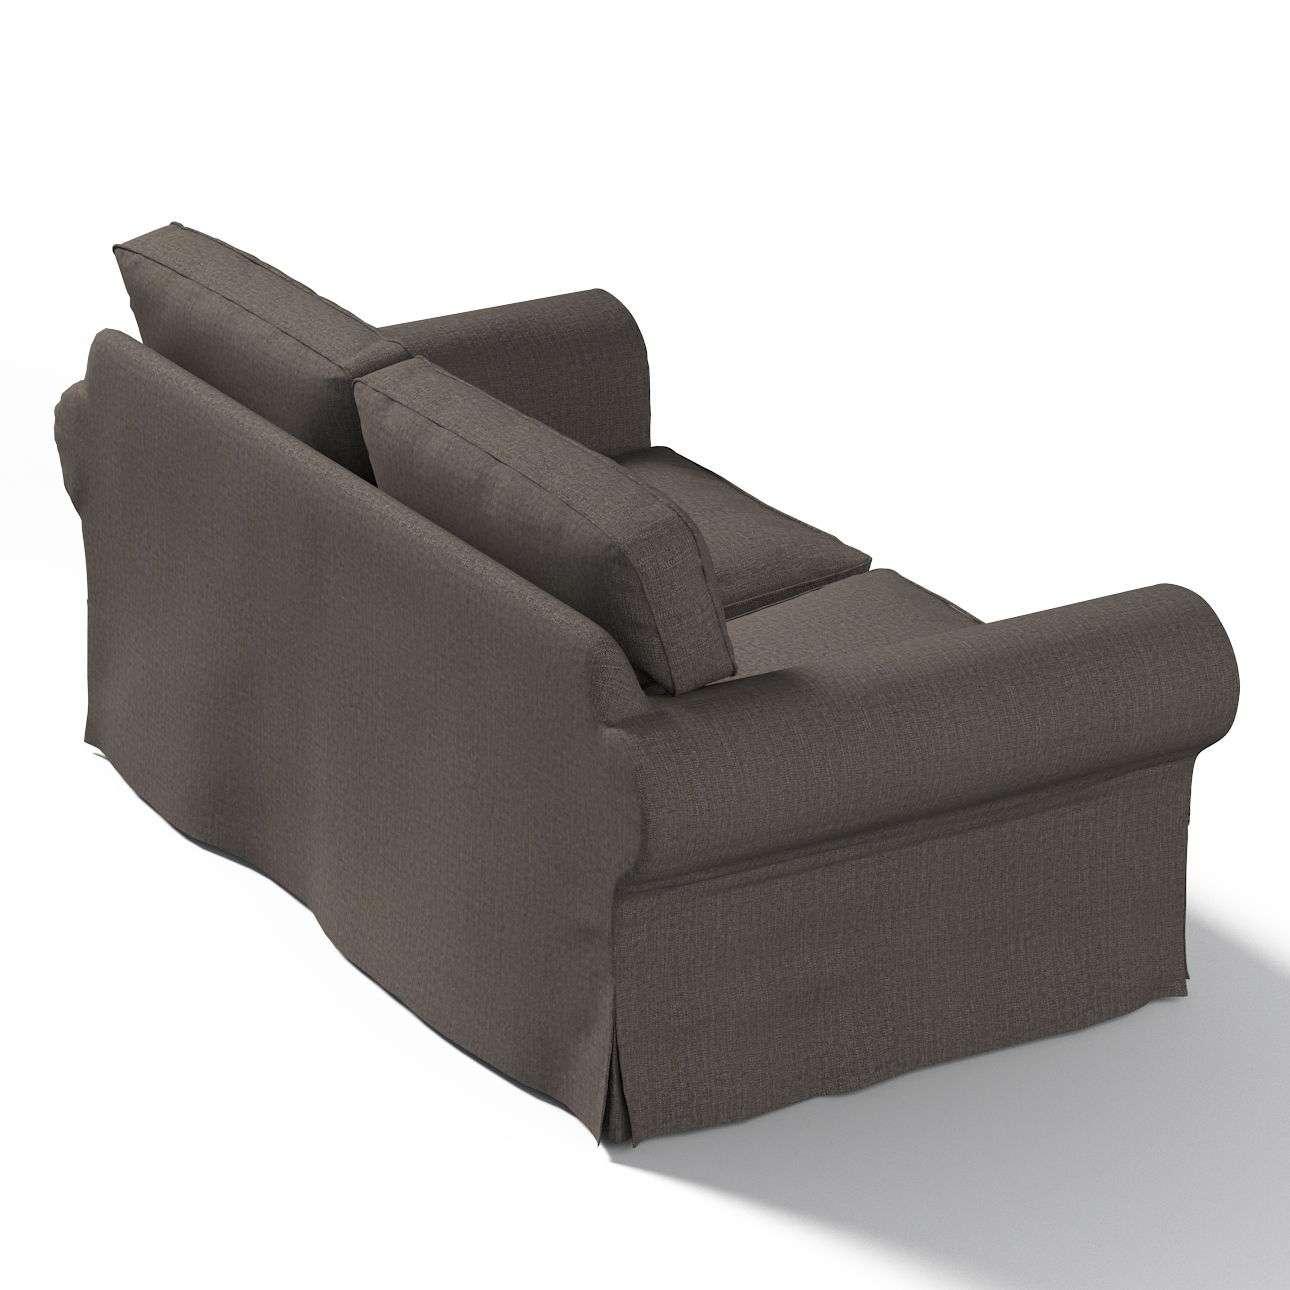 Pokrowiec na sofę Ektorp 2-osobową, nierozkładaną Sofa Ektorp 2-osobowa w kolekcji Vintage, tkanina: 702-36